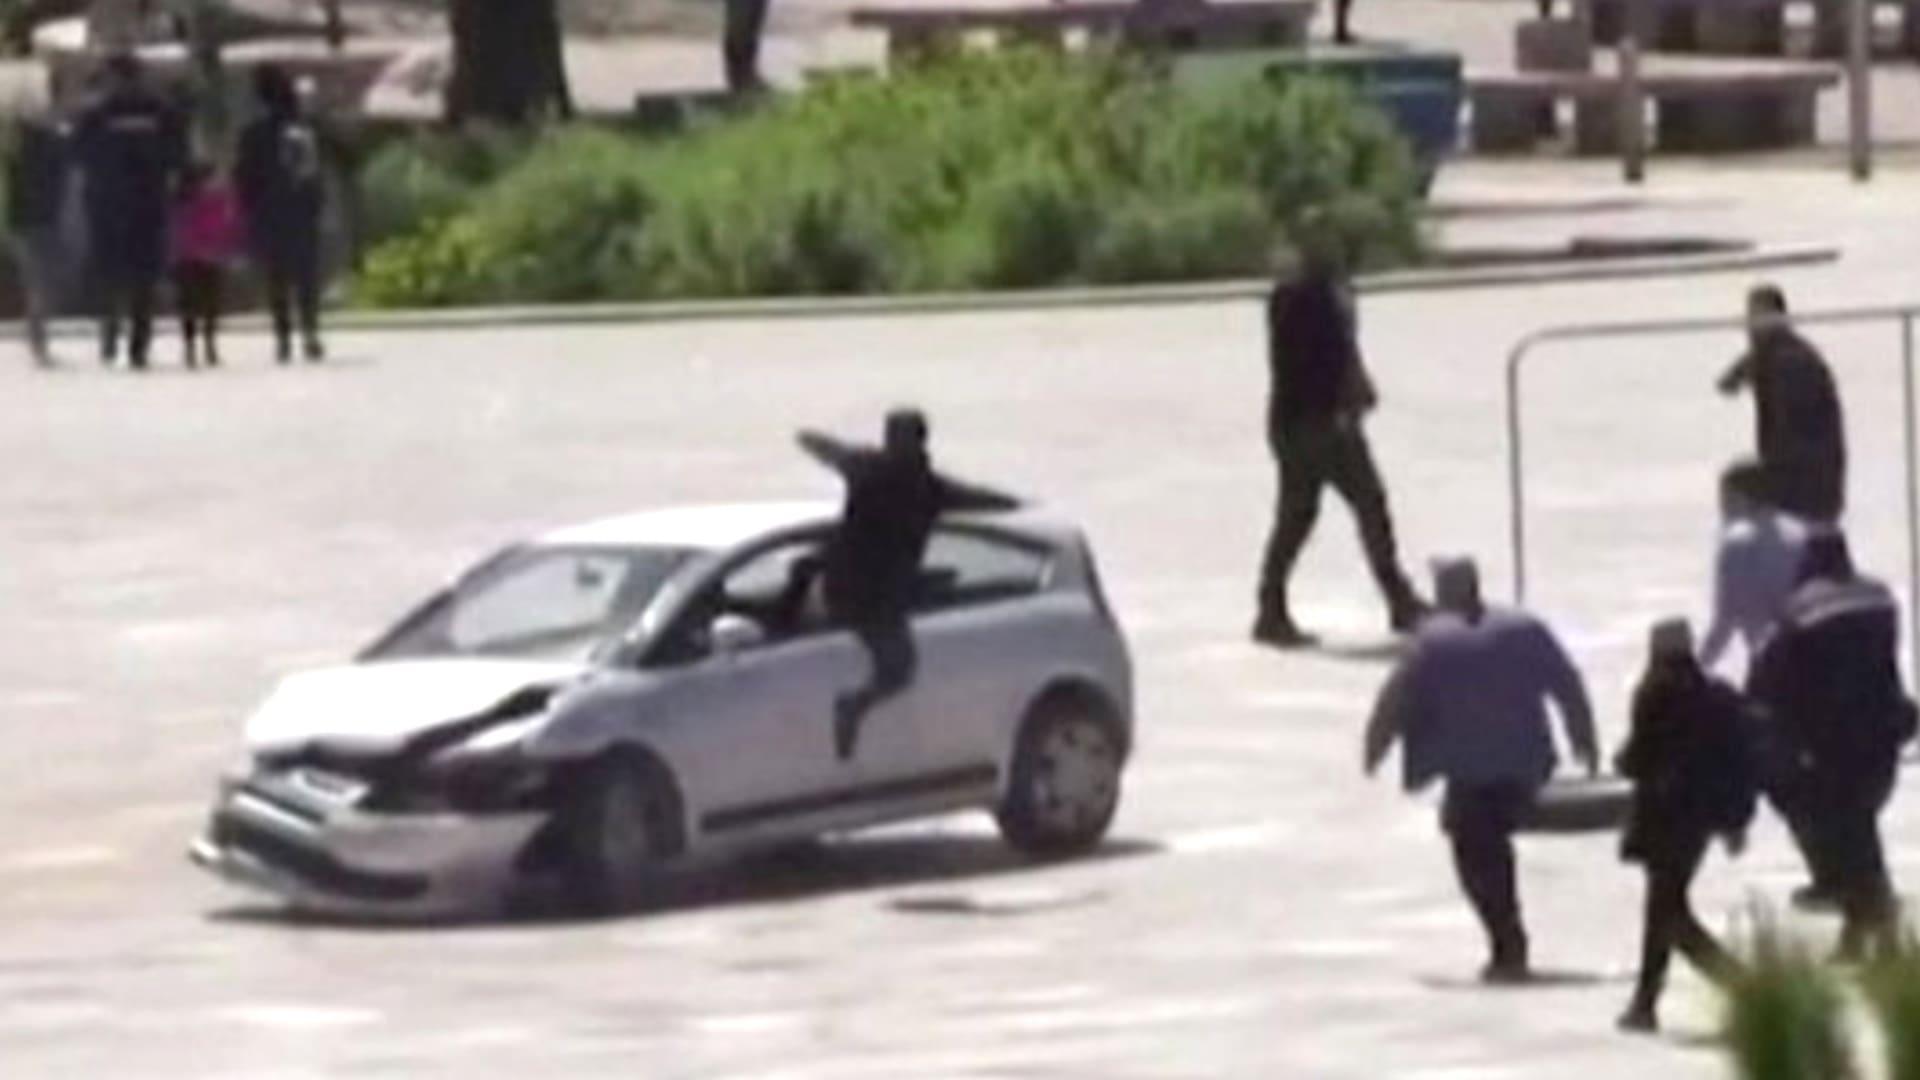 شاب يقفز داخل سيارة متحركة لمنع سائقها من دهس المارة